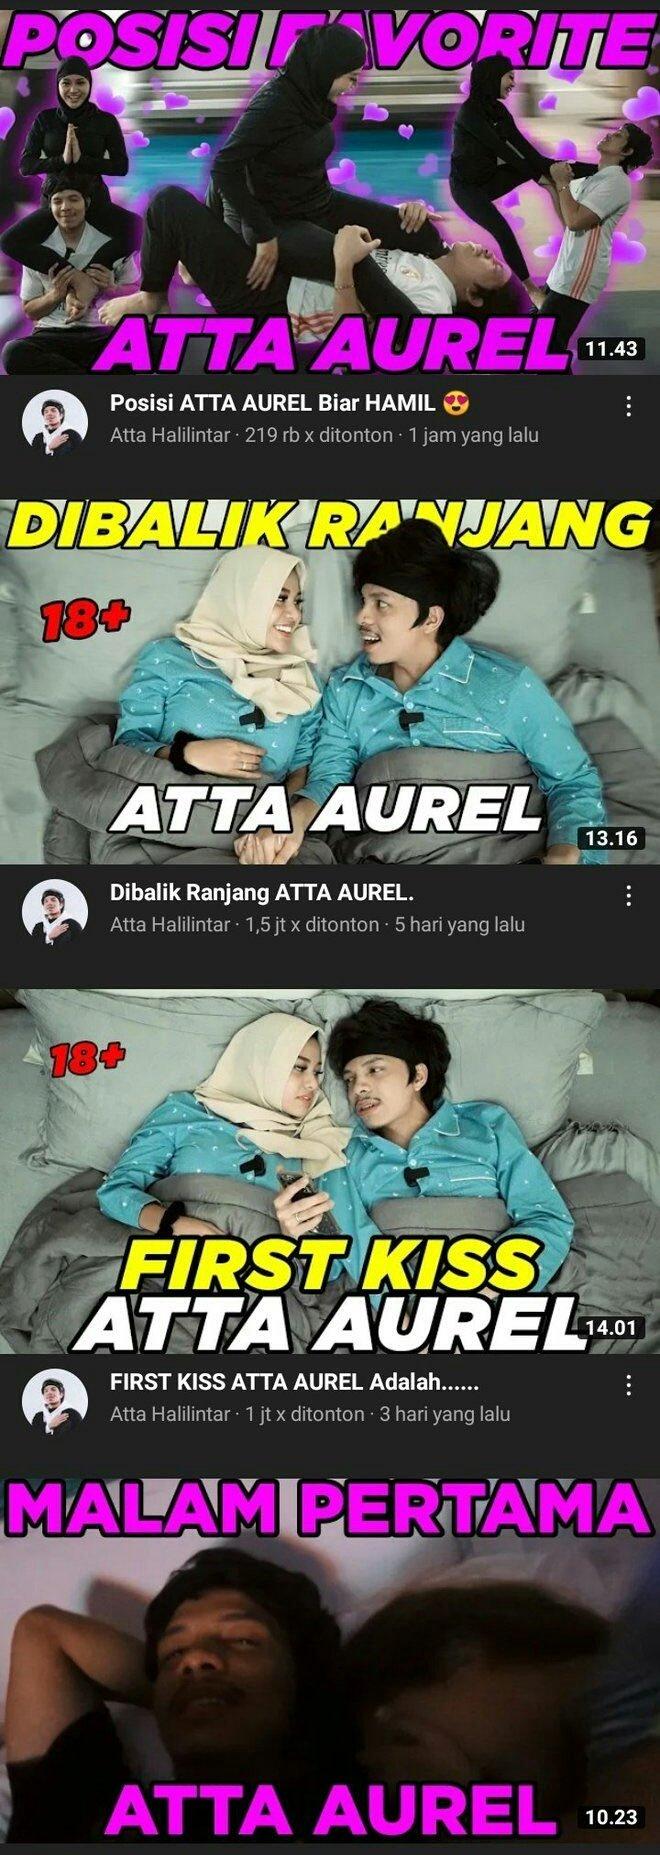 Warganet Protes Soal Konten YouTube Atta Halilintar - Aurel Hermansyah yang Vulgar - Foto 1